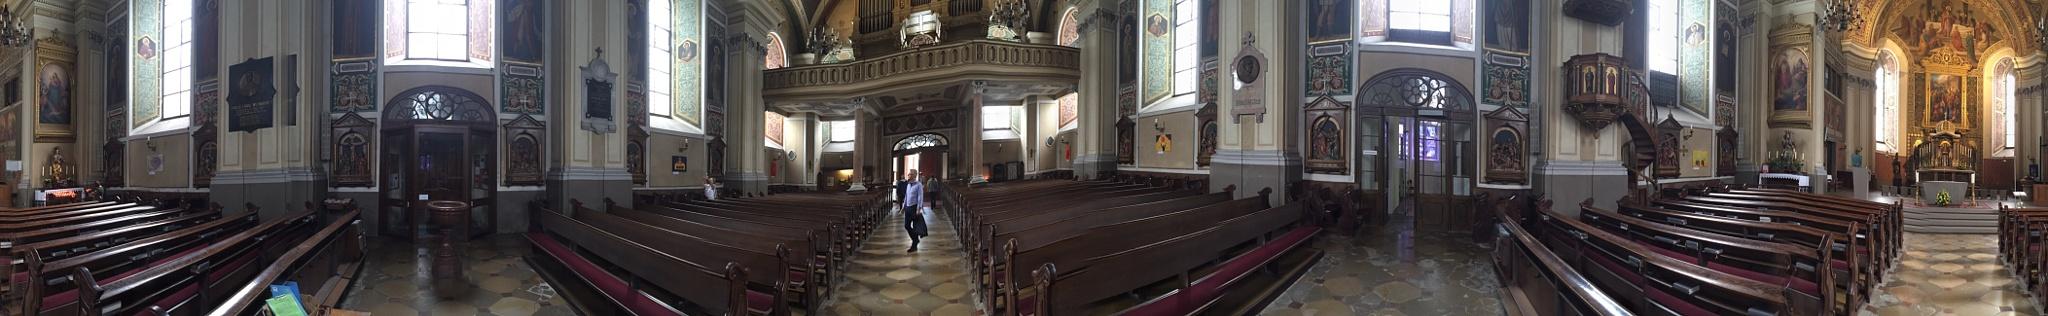 360° church Bad Ischl by Douwe Hoekstra